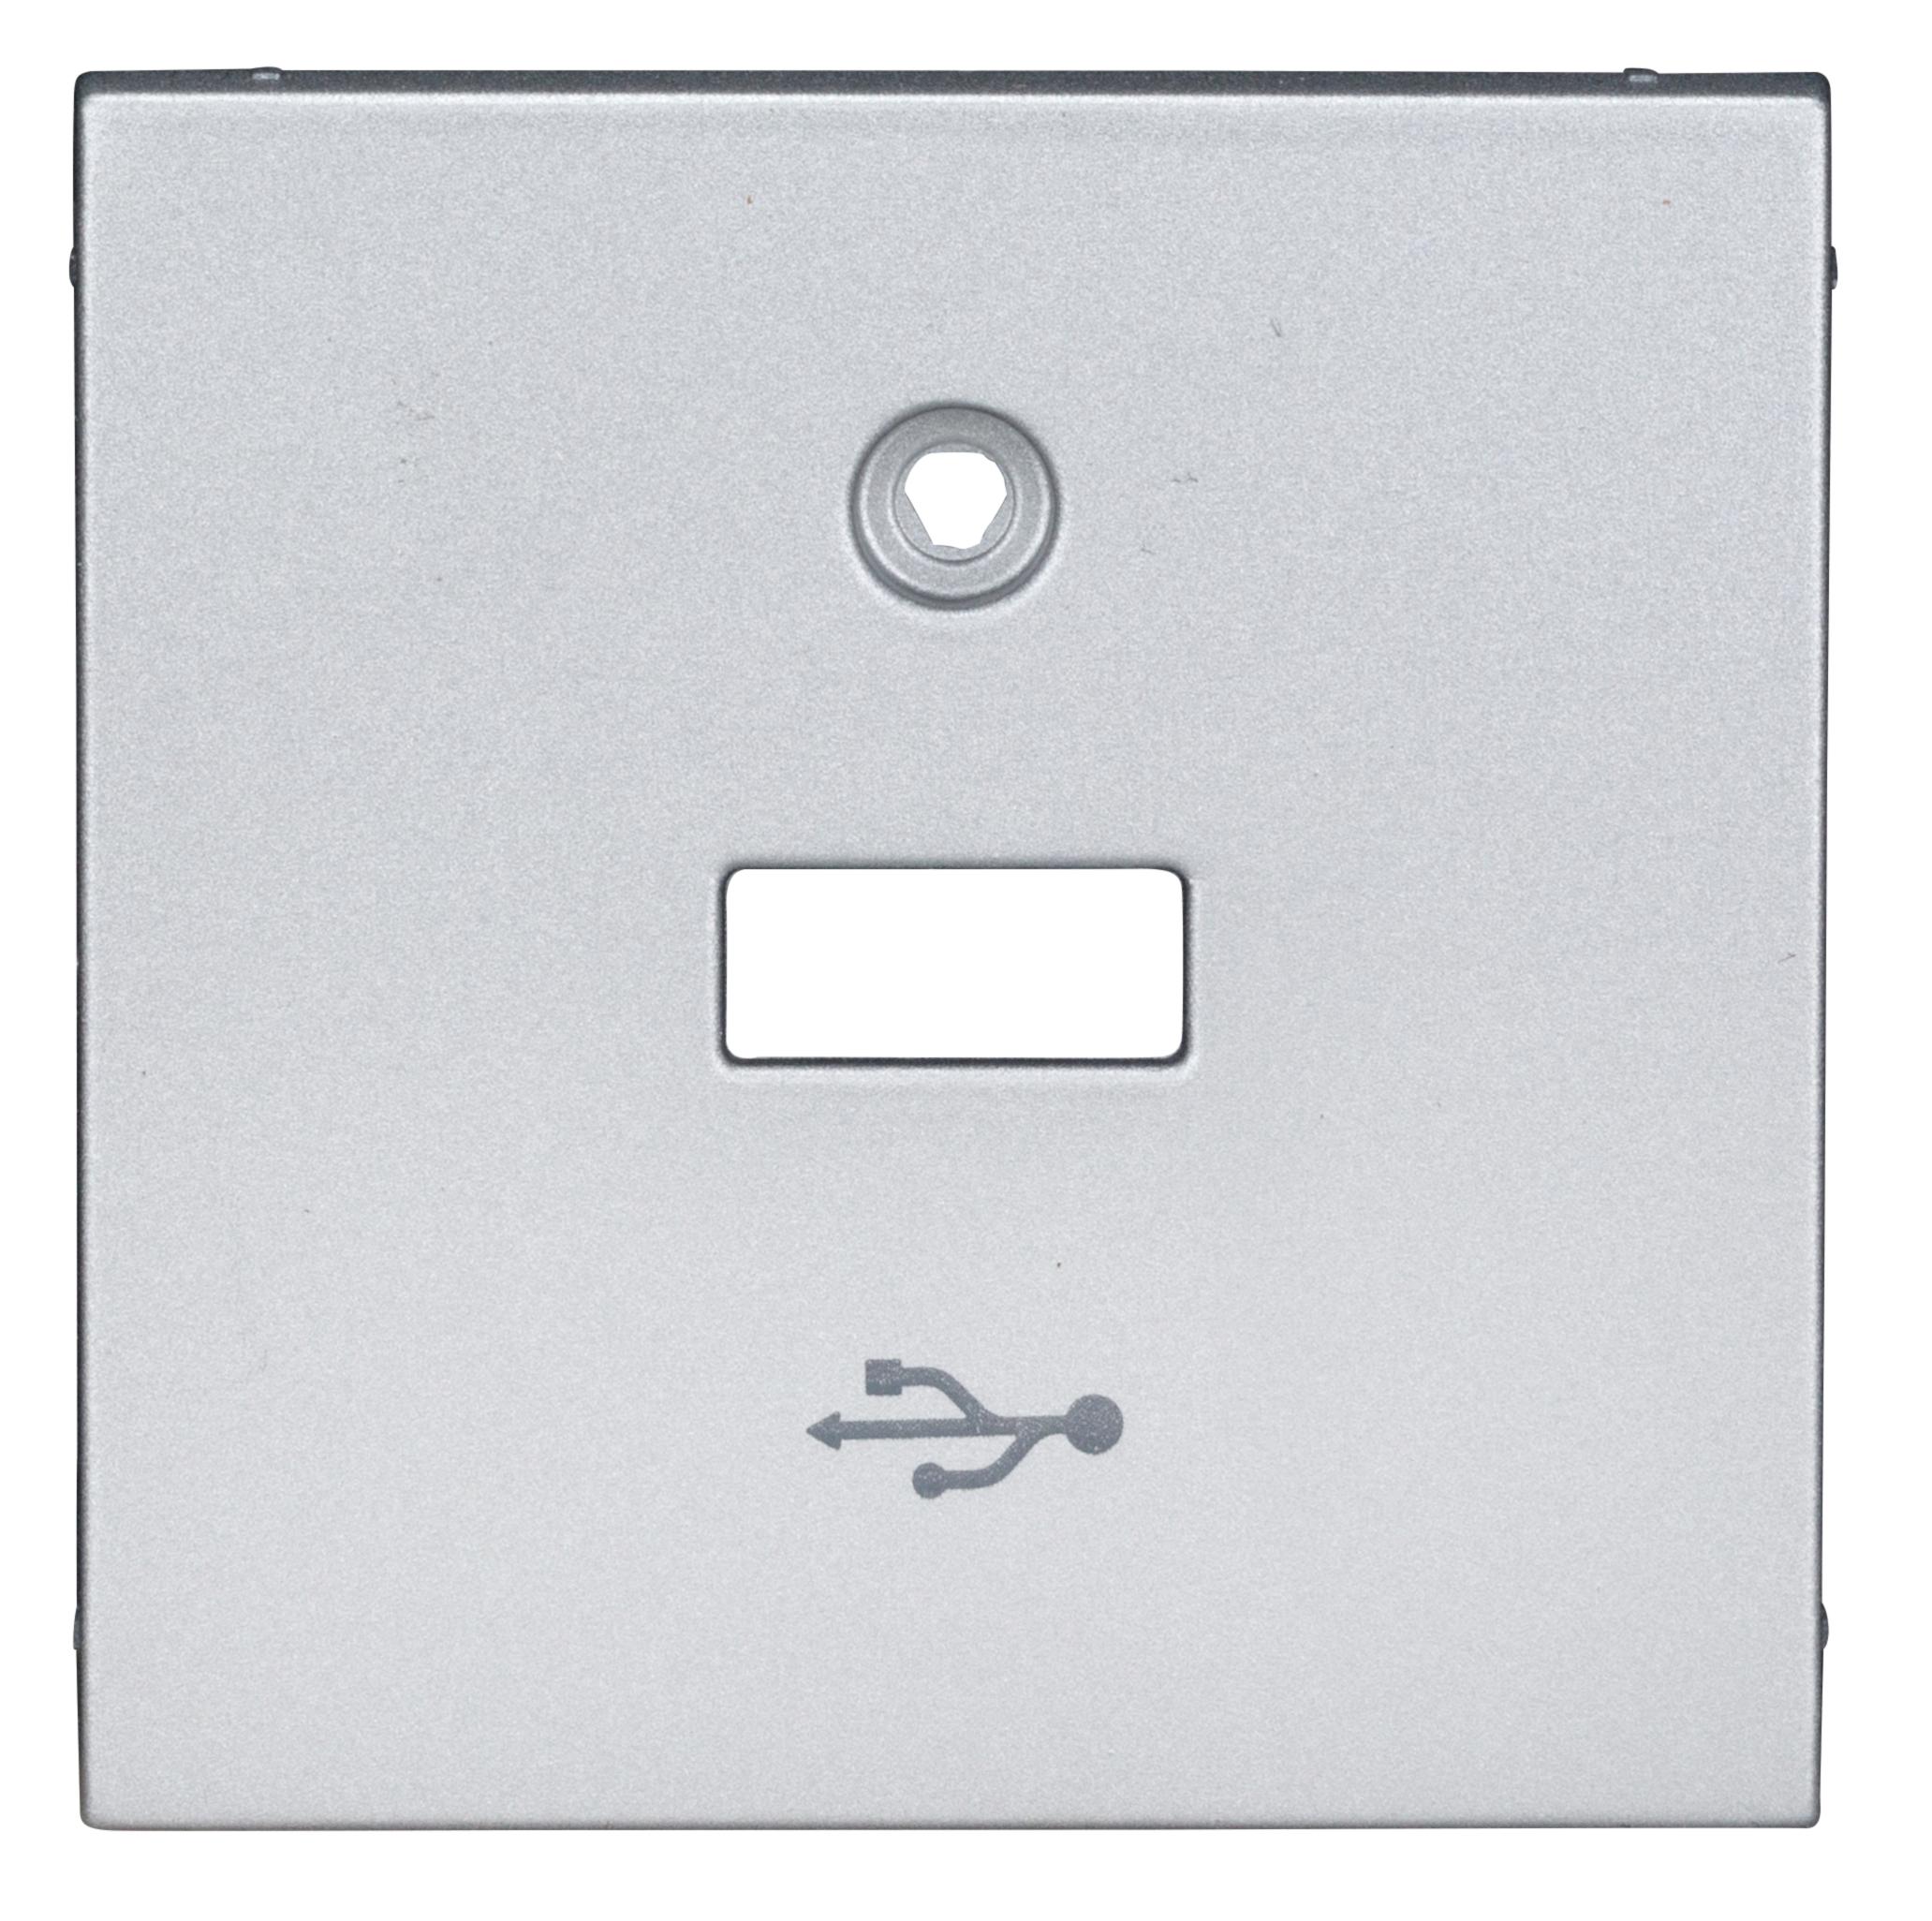 1 Stk USB Aufsatz, silber EV124056--